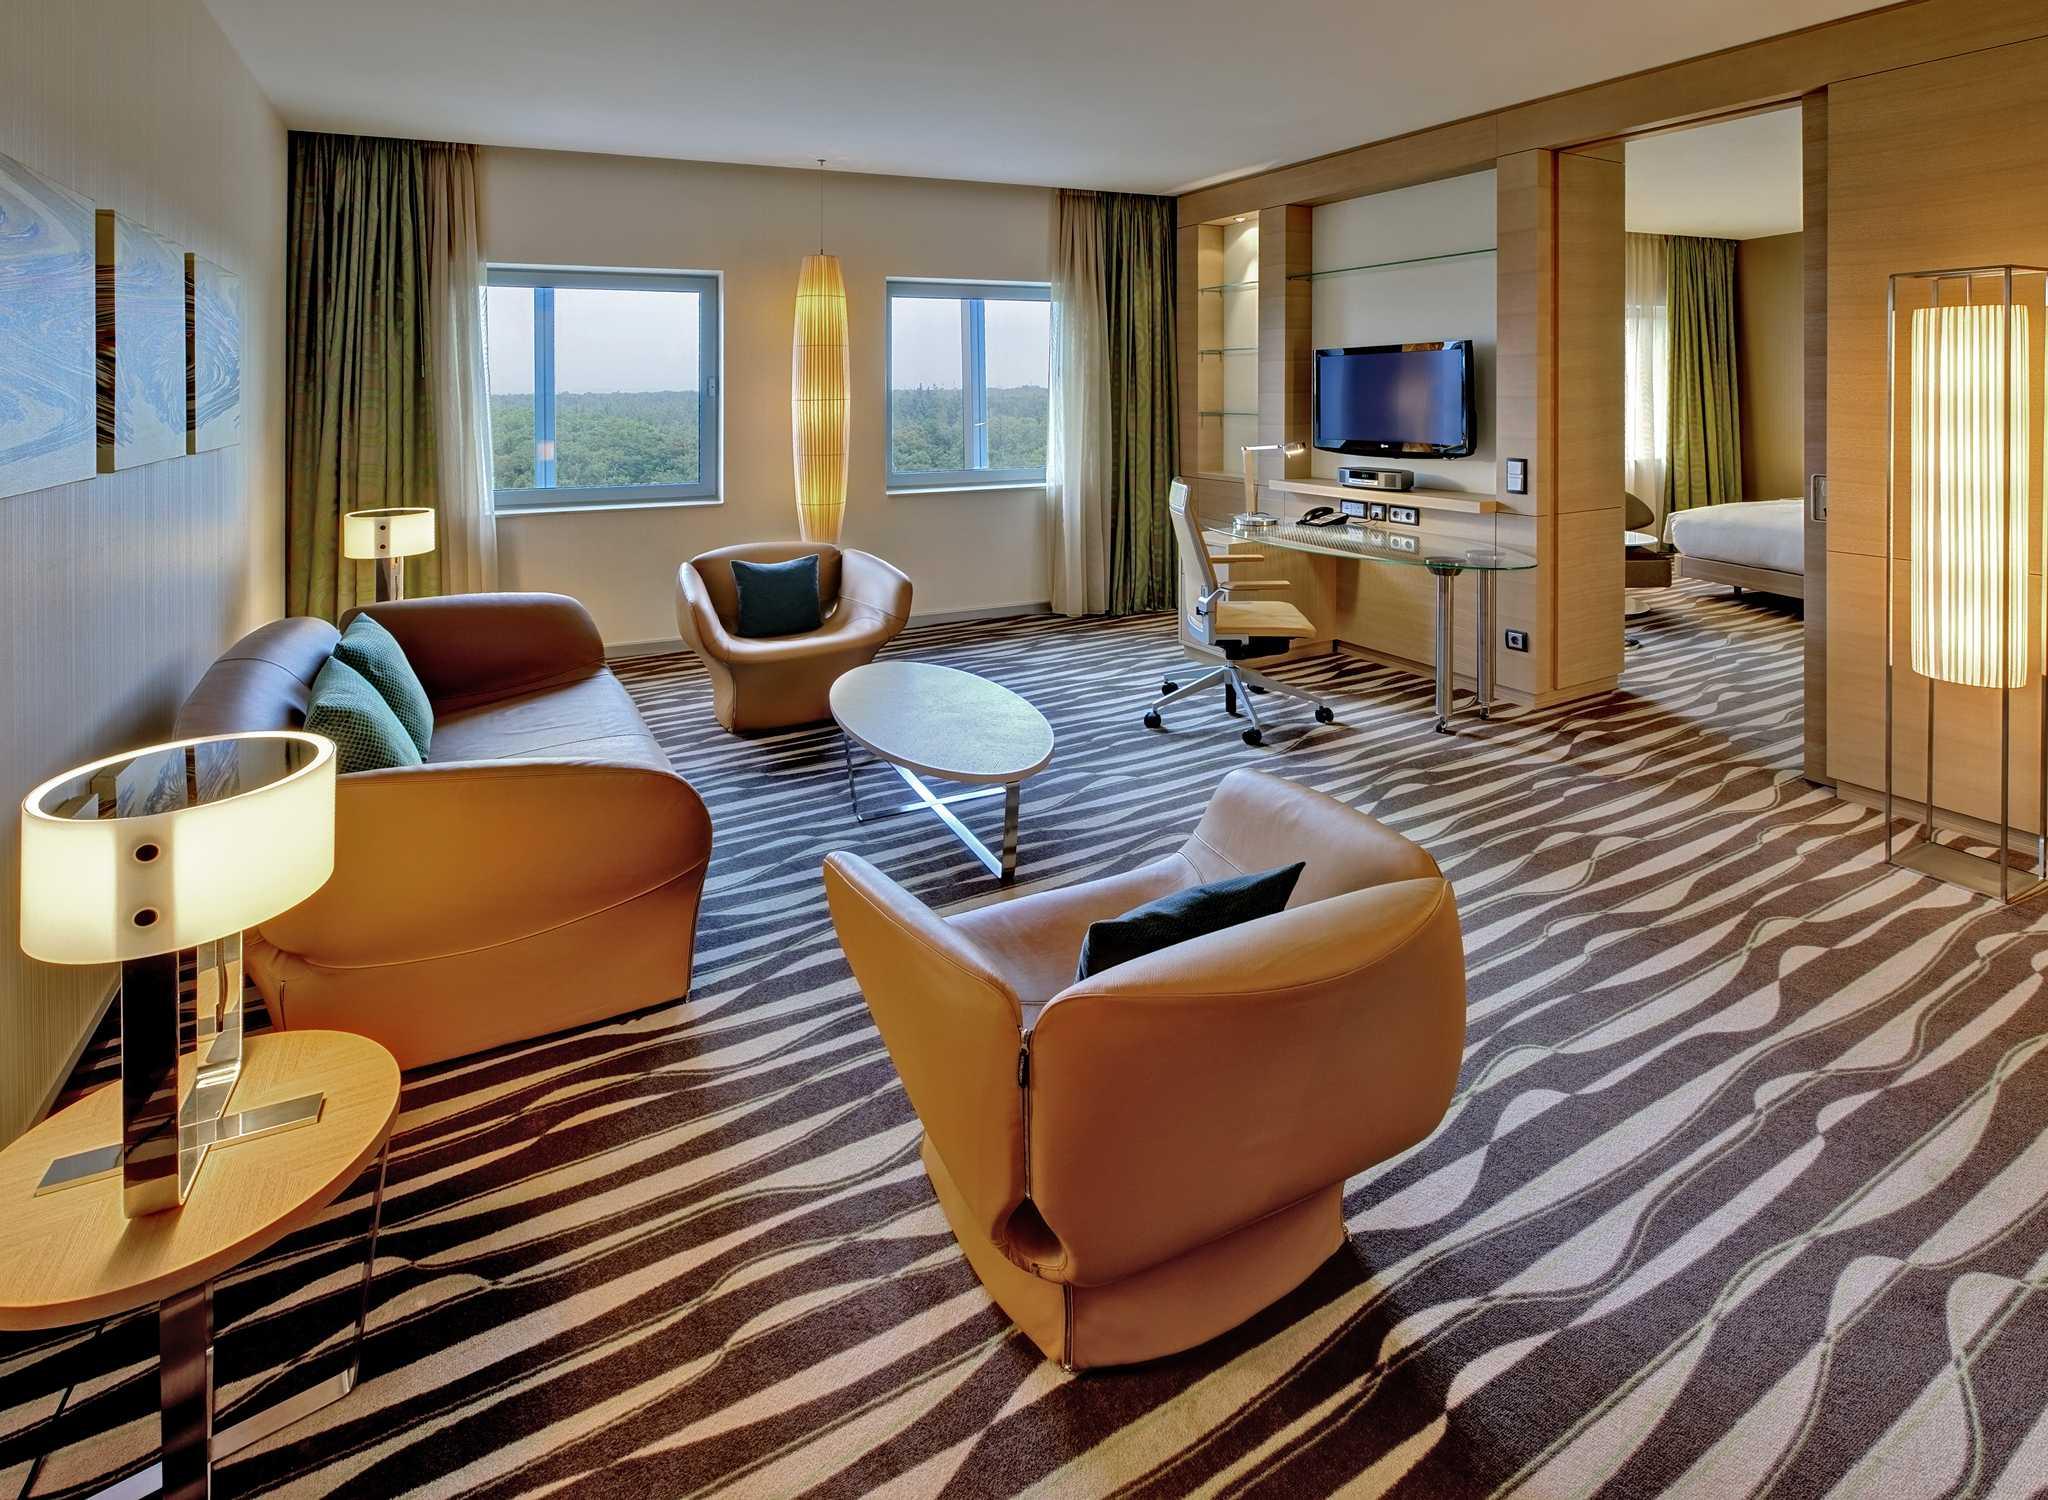 h tel hilton frankfurt airport h tel au t1 de l 39 a roport de francfort. Black Bedroom Furniture Sets. Home Design Ideas